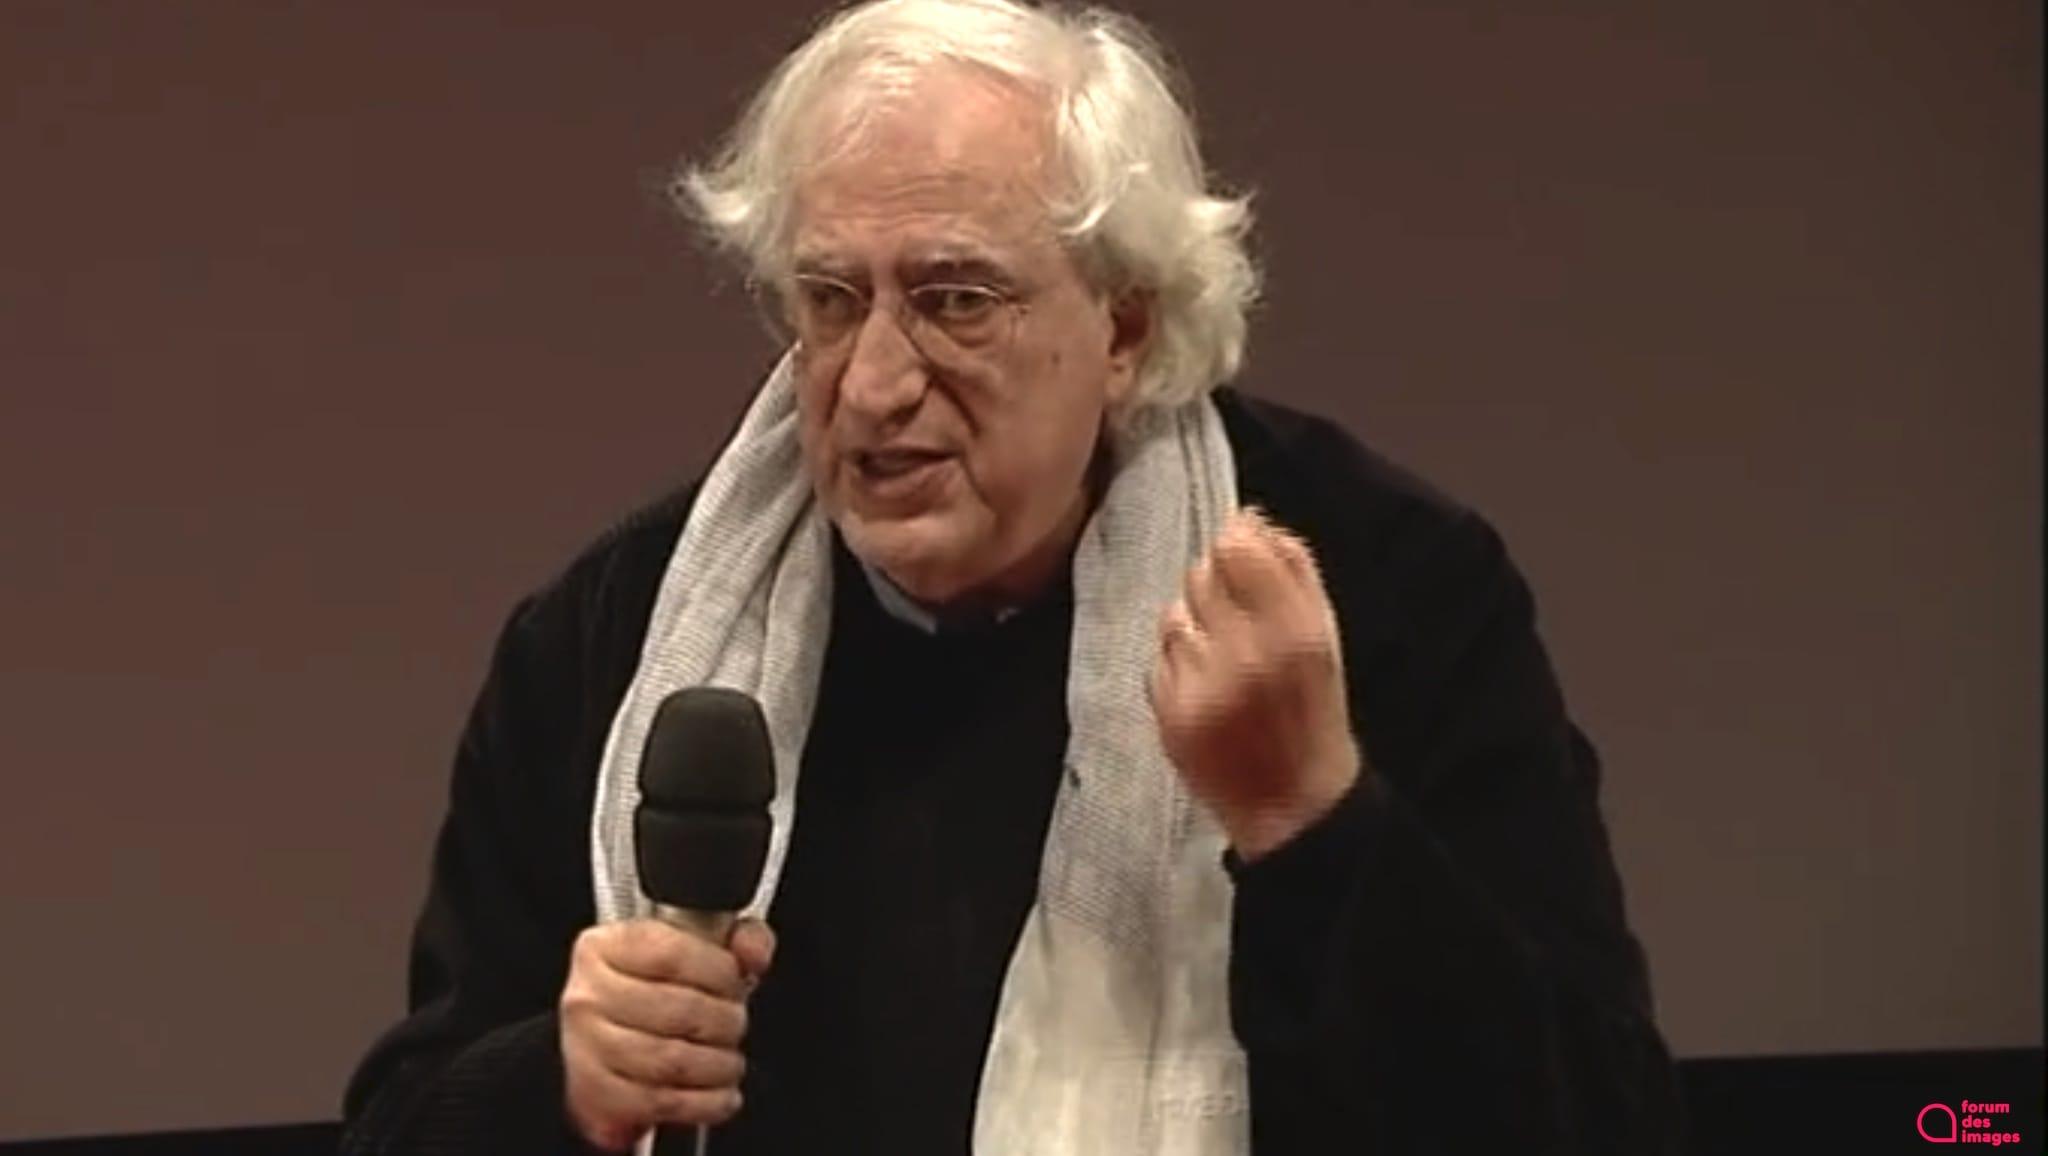 Capture d'écran La Master class de Bertrand Tavernier au Forum des images visuel cinéma